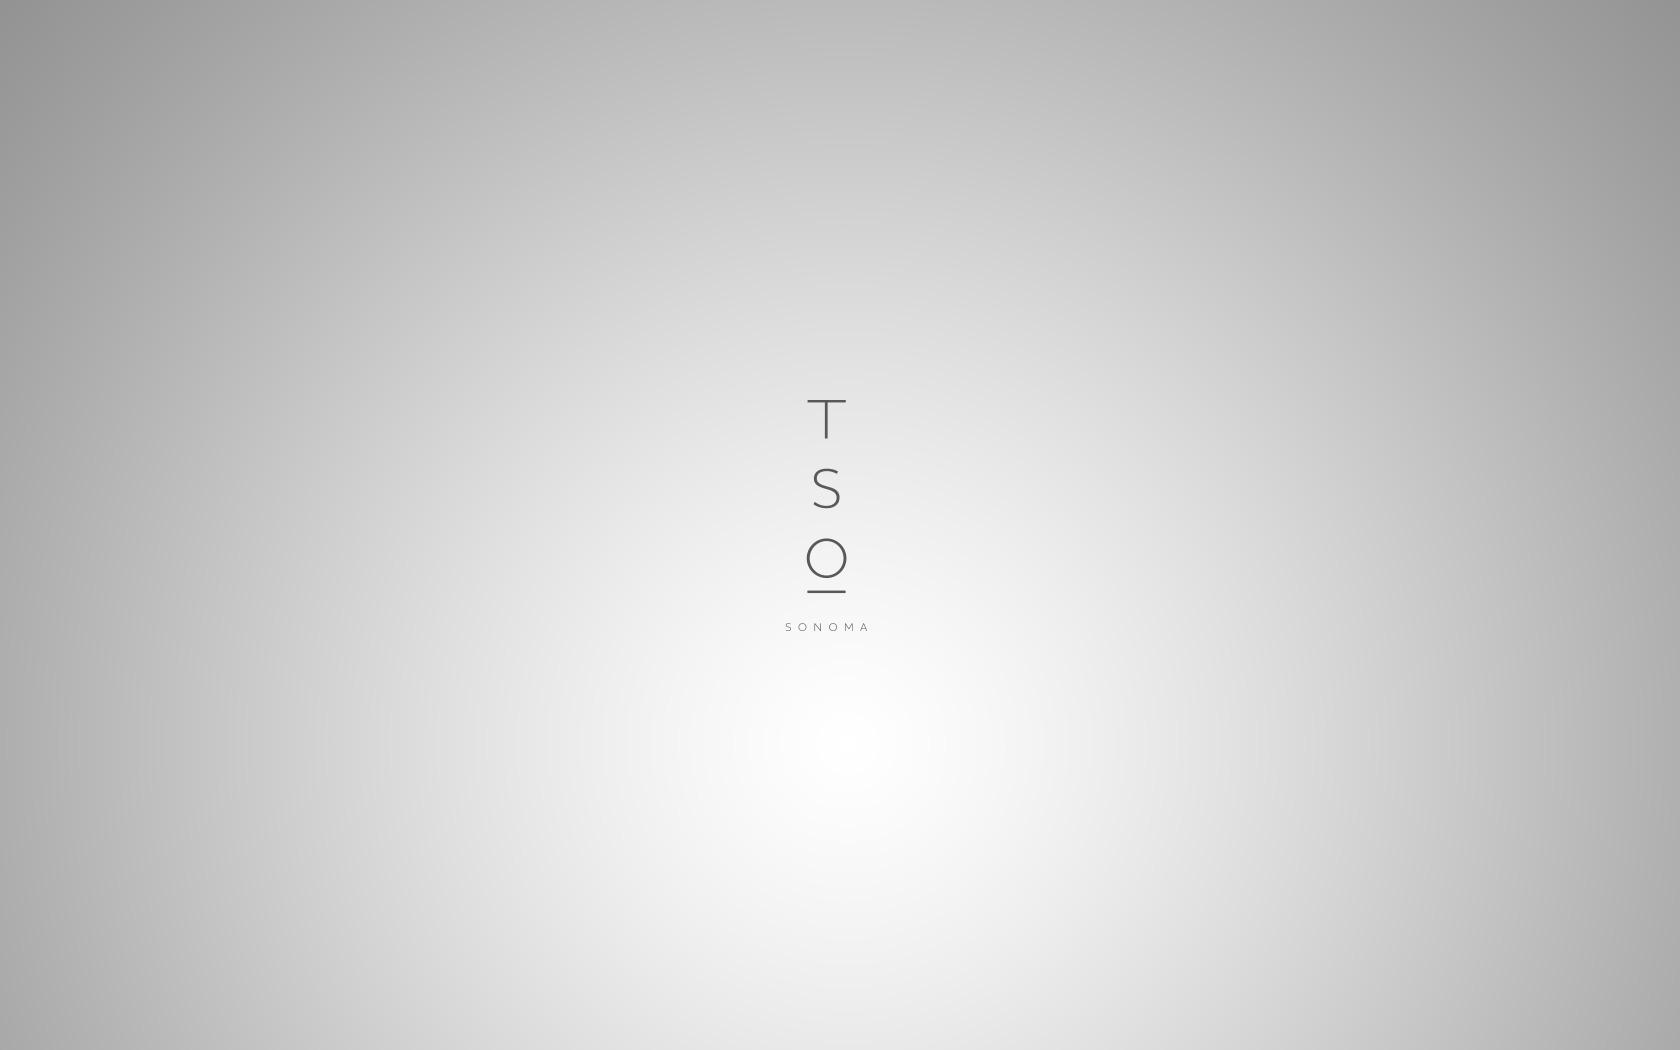 TSO_X_MAMUS_CREATIVE_0